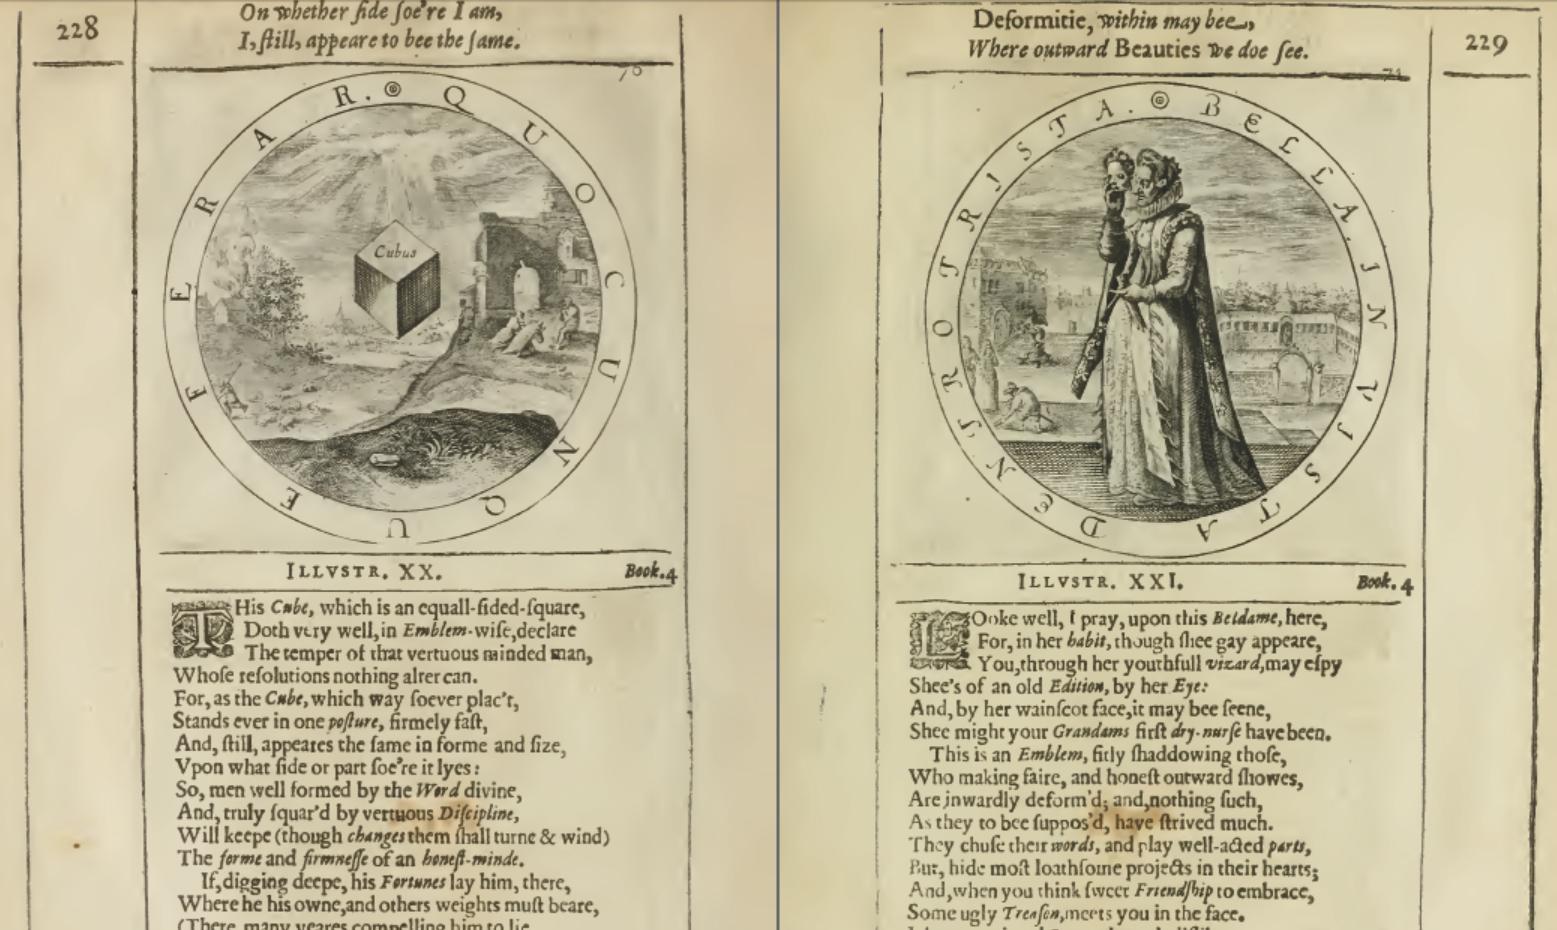 2. ábra: George Whiter A Collection of Emblems, Ancient and Moderne (1635) című emblémás könyvében is egymás ellentétjeként, egymással szemben állított erényként szerepel az állhatatosság (a minden oldaláról ugyanazt mutató kocka) és a csalfa látszat (fiatal nő maszkja alá rejtőző banya).